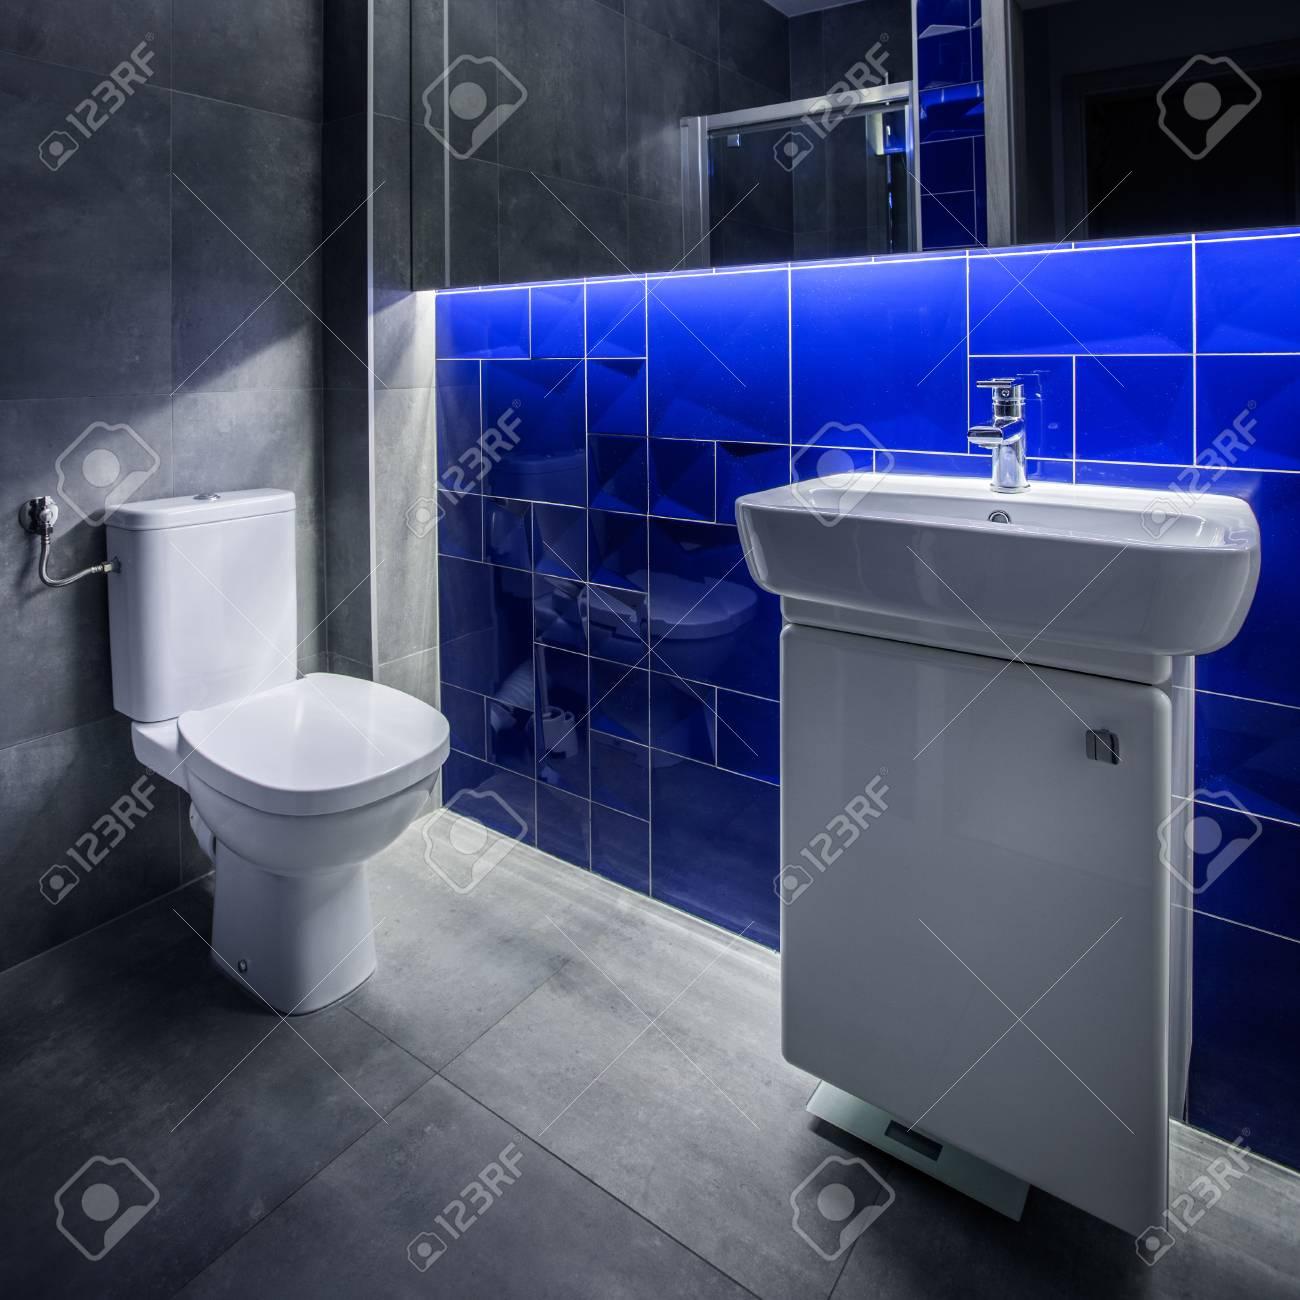 Cuarto De Baño Moderno Con Mueble Lavabo, Inodoro, Espejo Y Suelo De ...